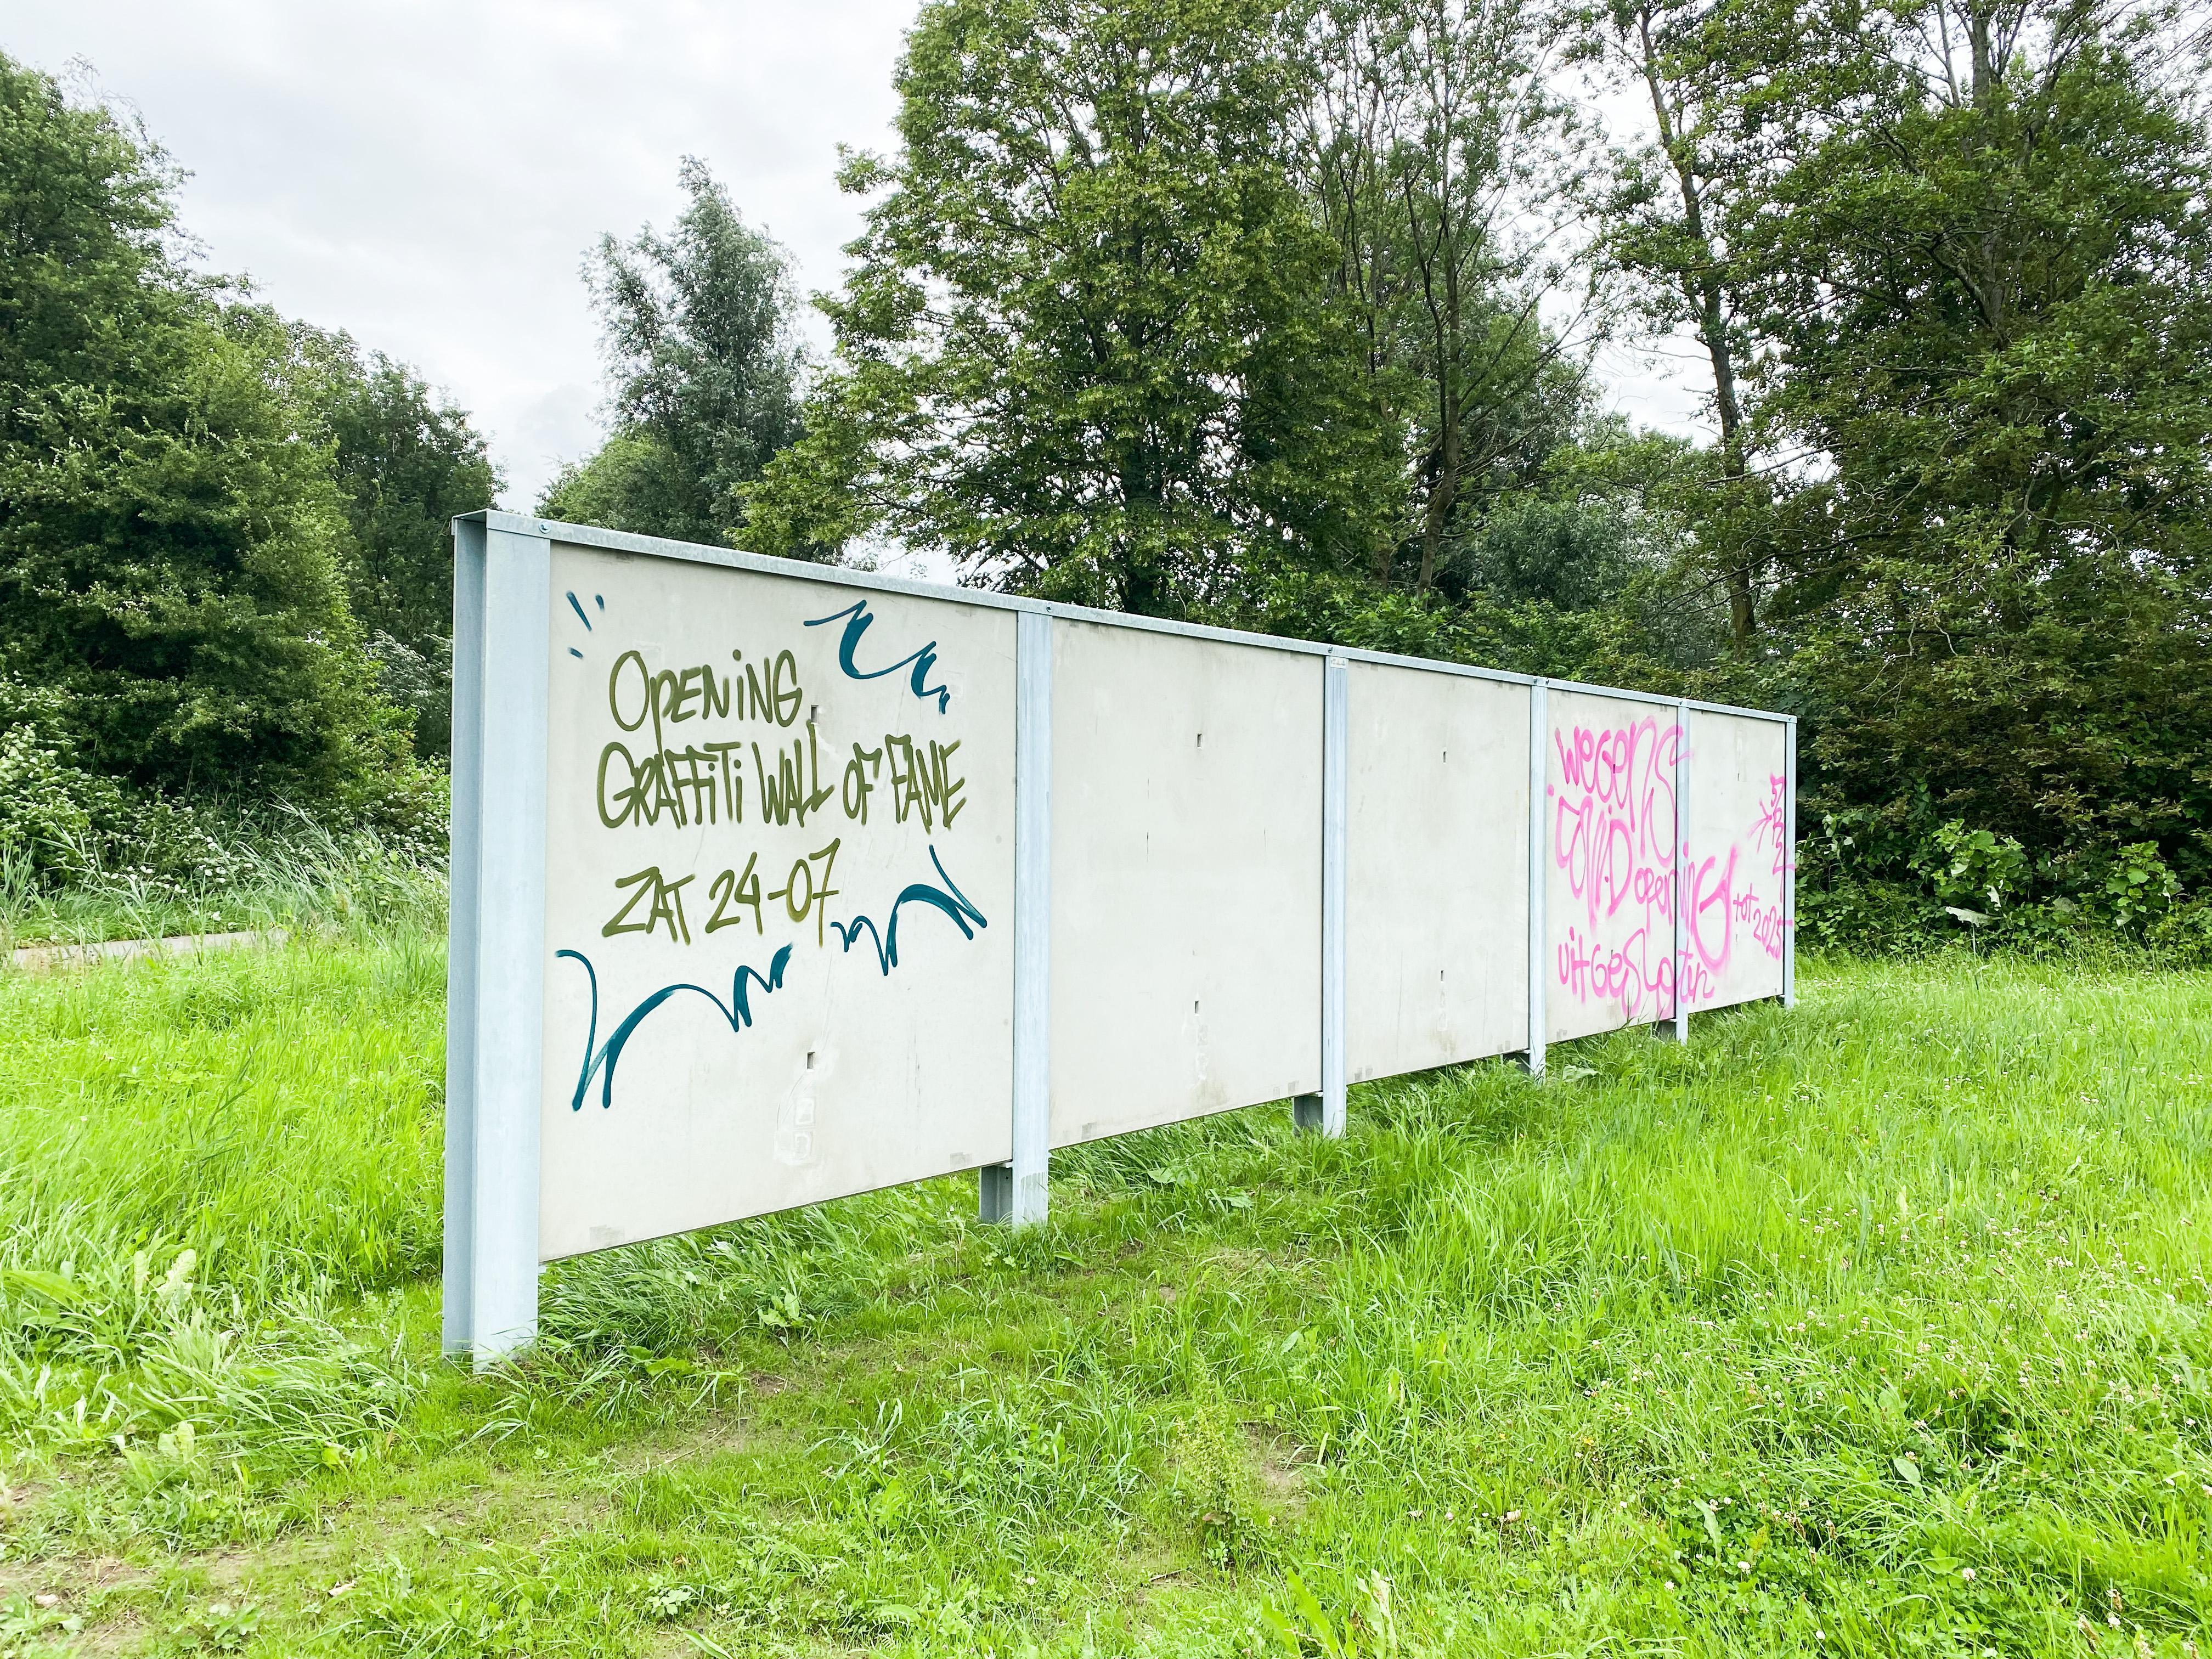 Alphen aan den Rijn krijgt een Graffiti Wall of Fame: fietstunnel onder N11 blijkt niet meest geschikte plek